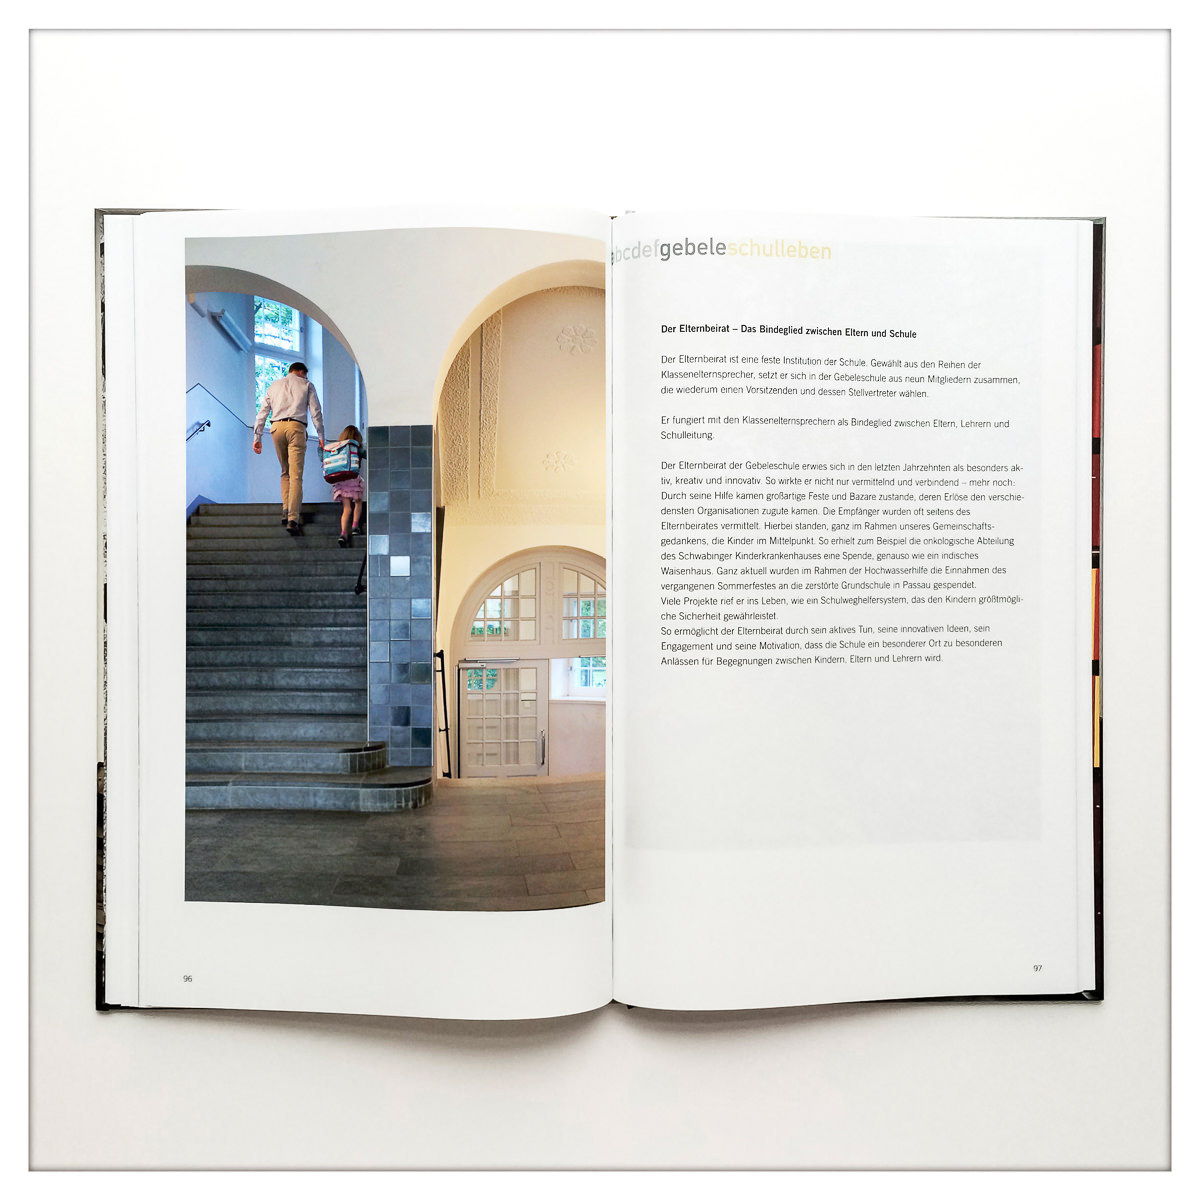 Festschrift 100 Jahre Gebeleschule